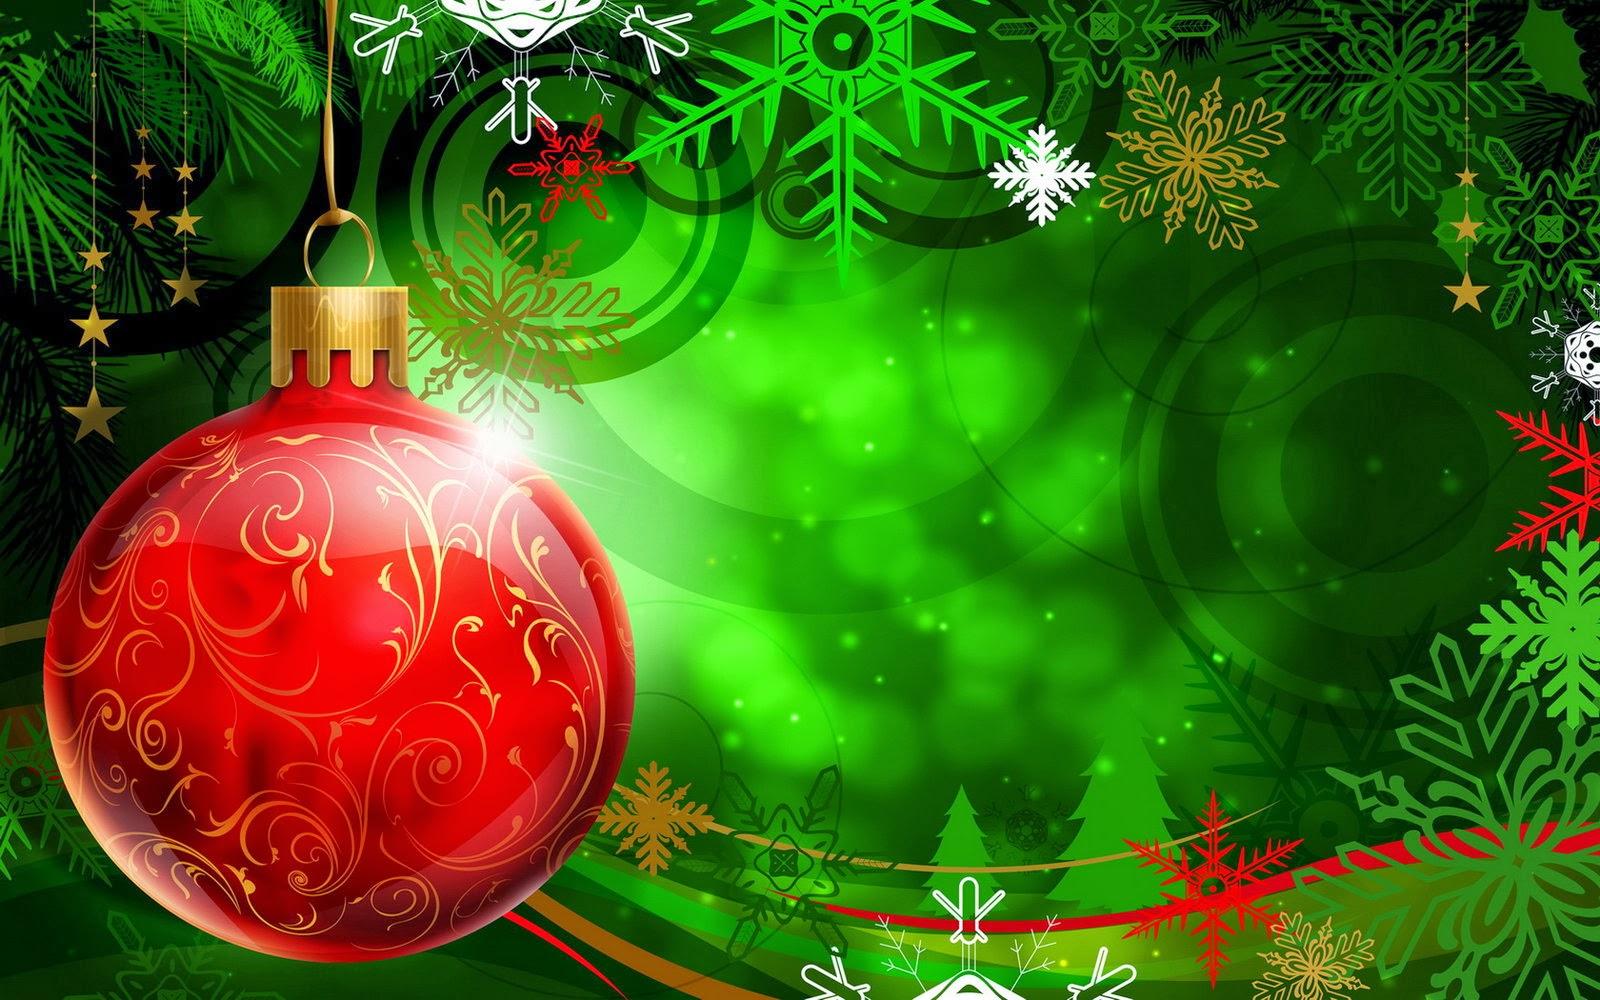 خلفيات راس السنة 2014 الكريسماس